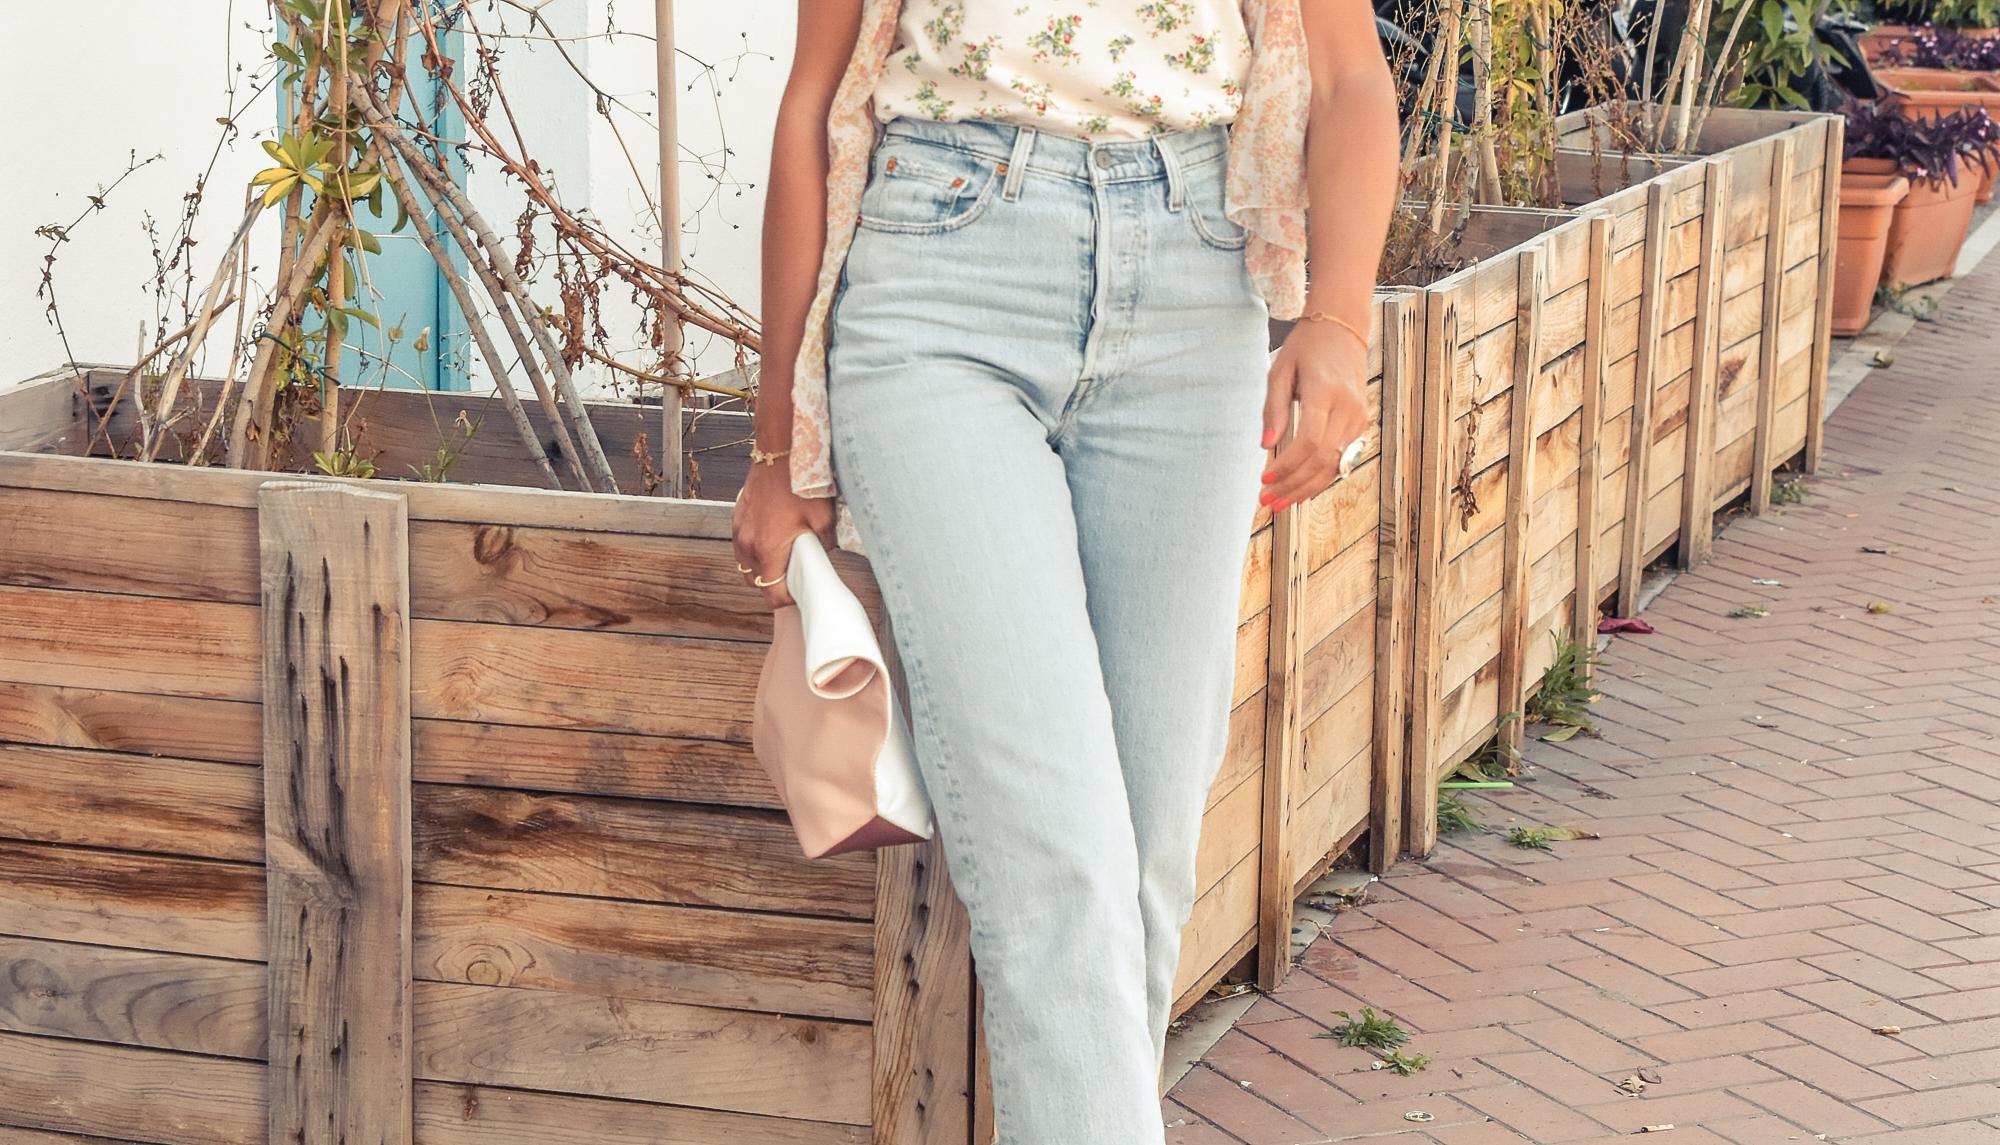 el-blog-de-silvia-look-verano-jeans-levis-camiseta-flores-09